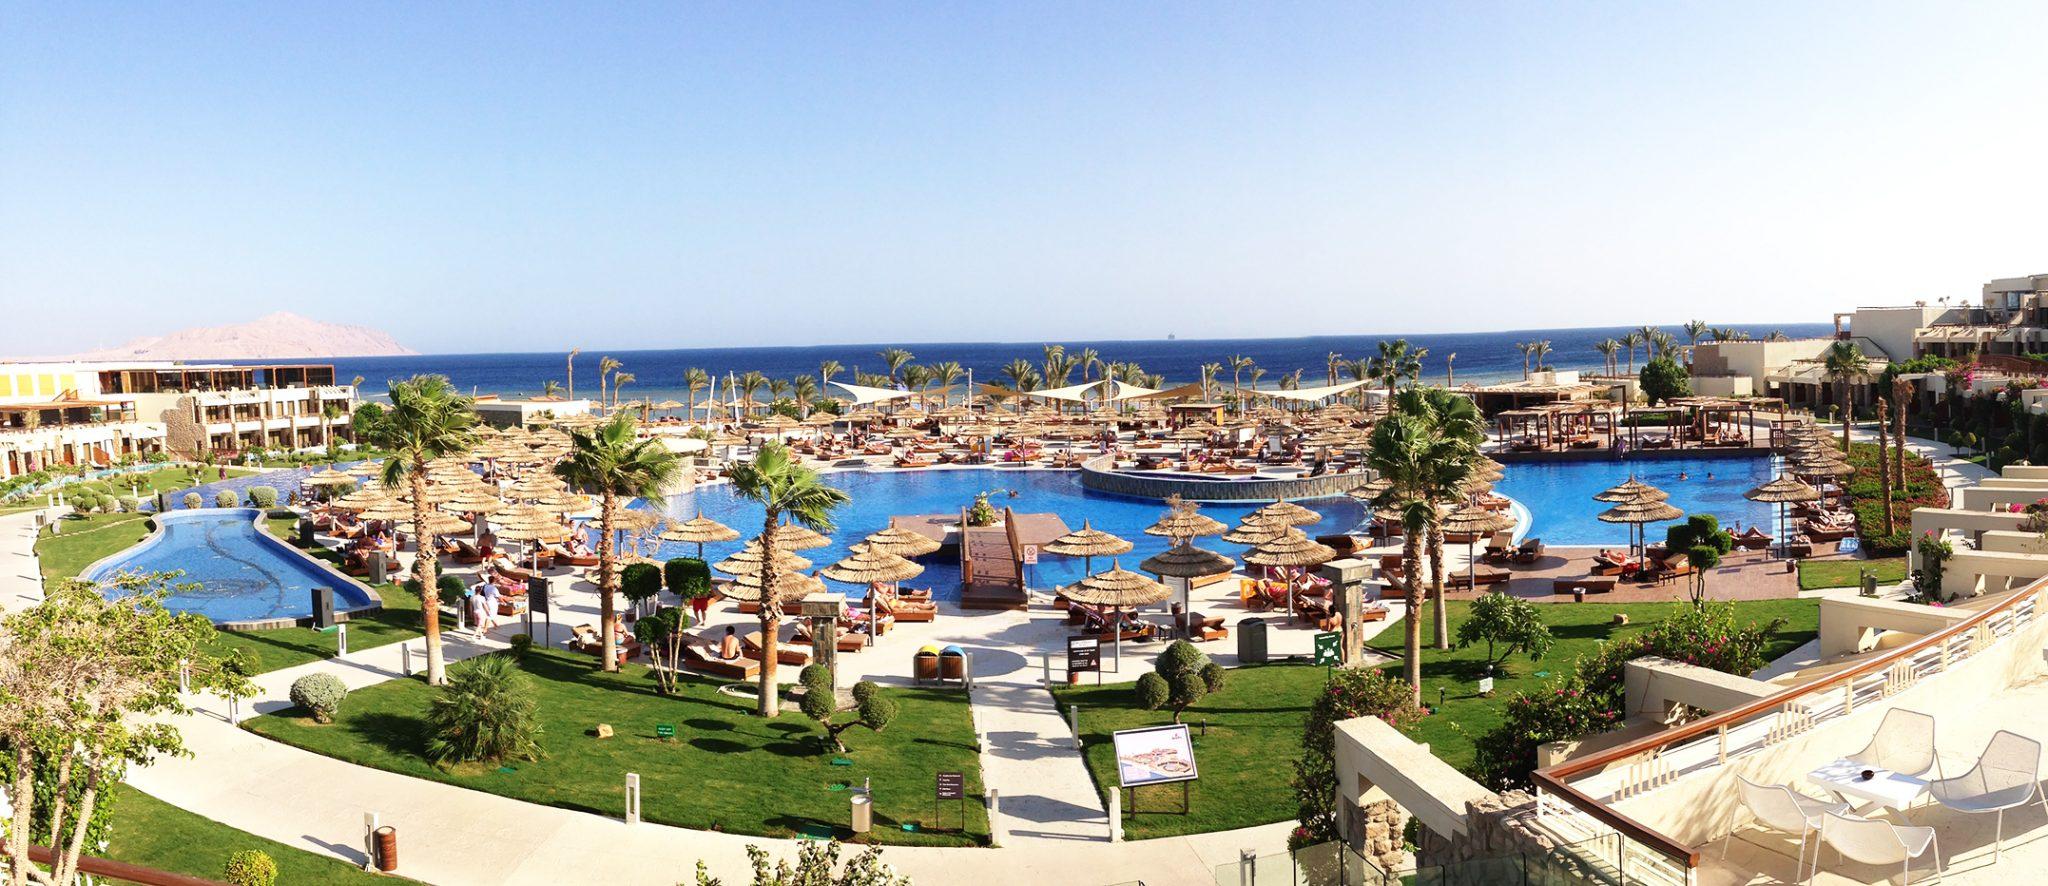 Egypt Resort Sharm El Sheikh Sharmelsheikh